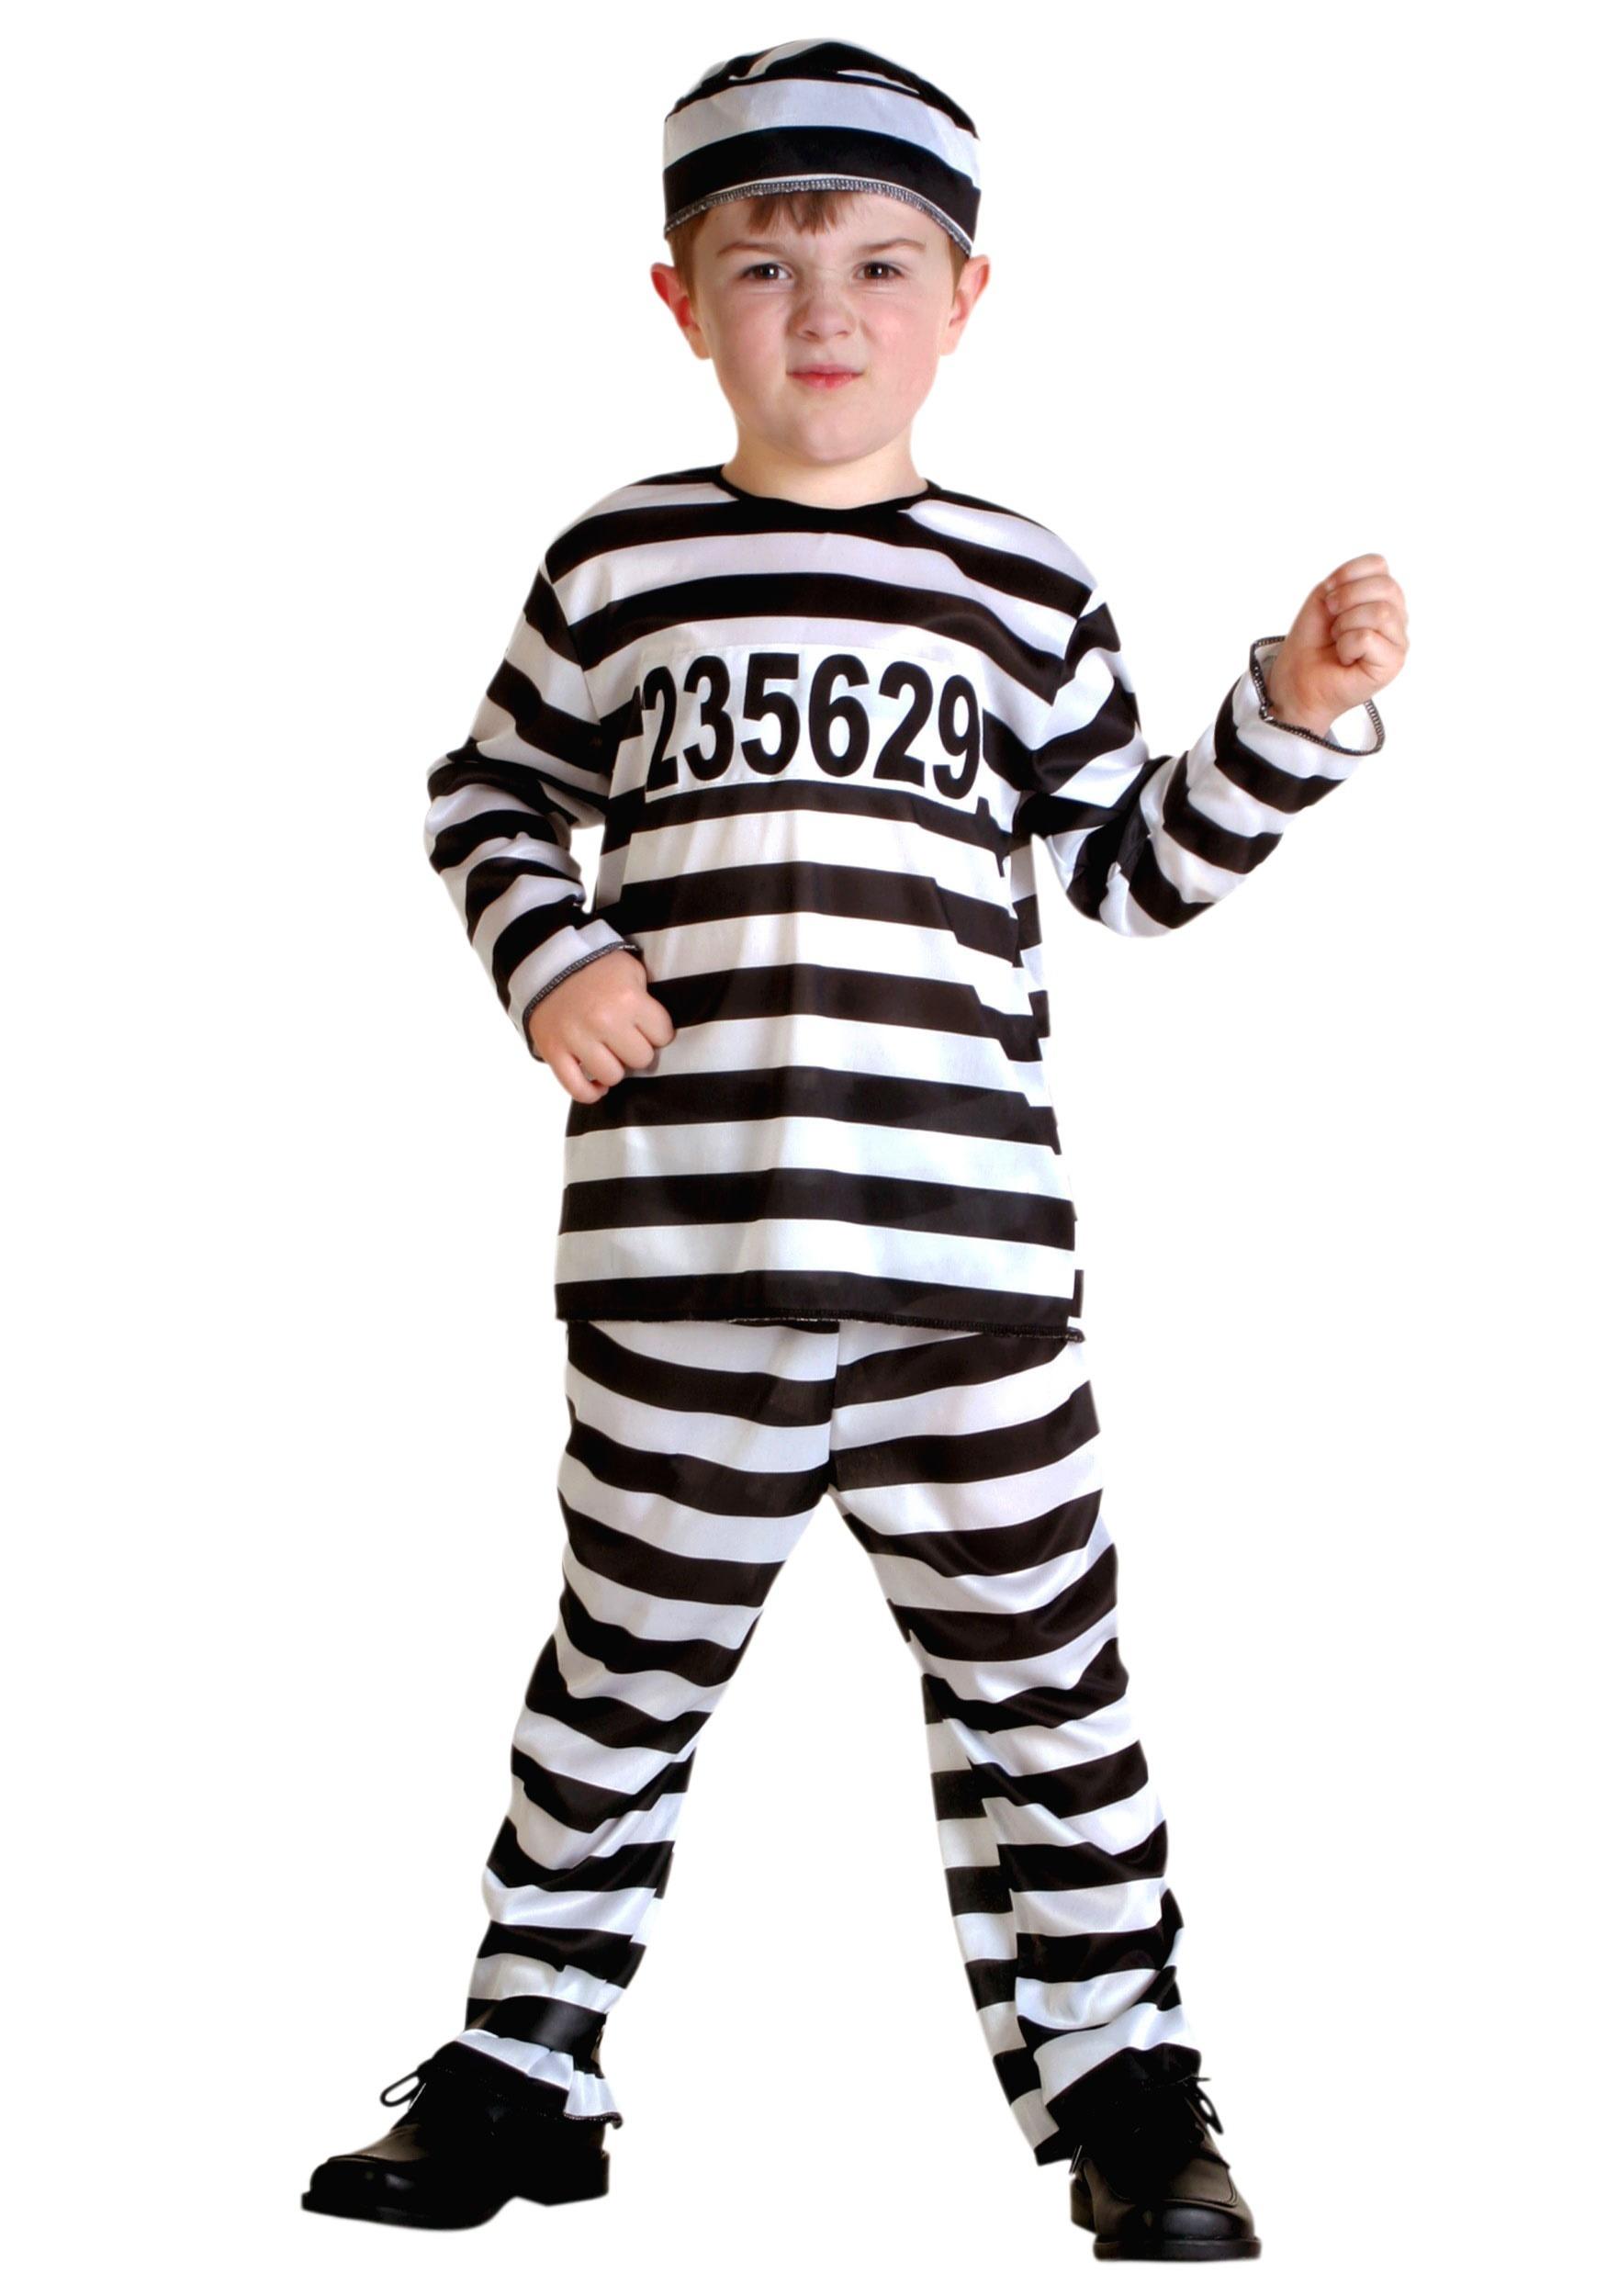 Striped Prisoner Costume for Toddlers | Jailbird Costume for Kids